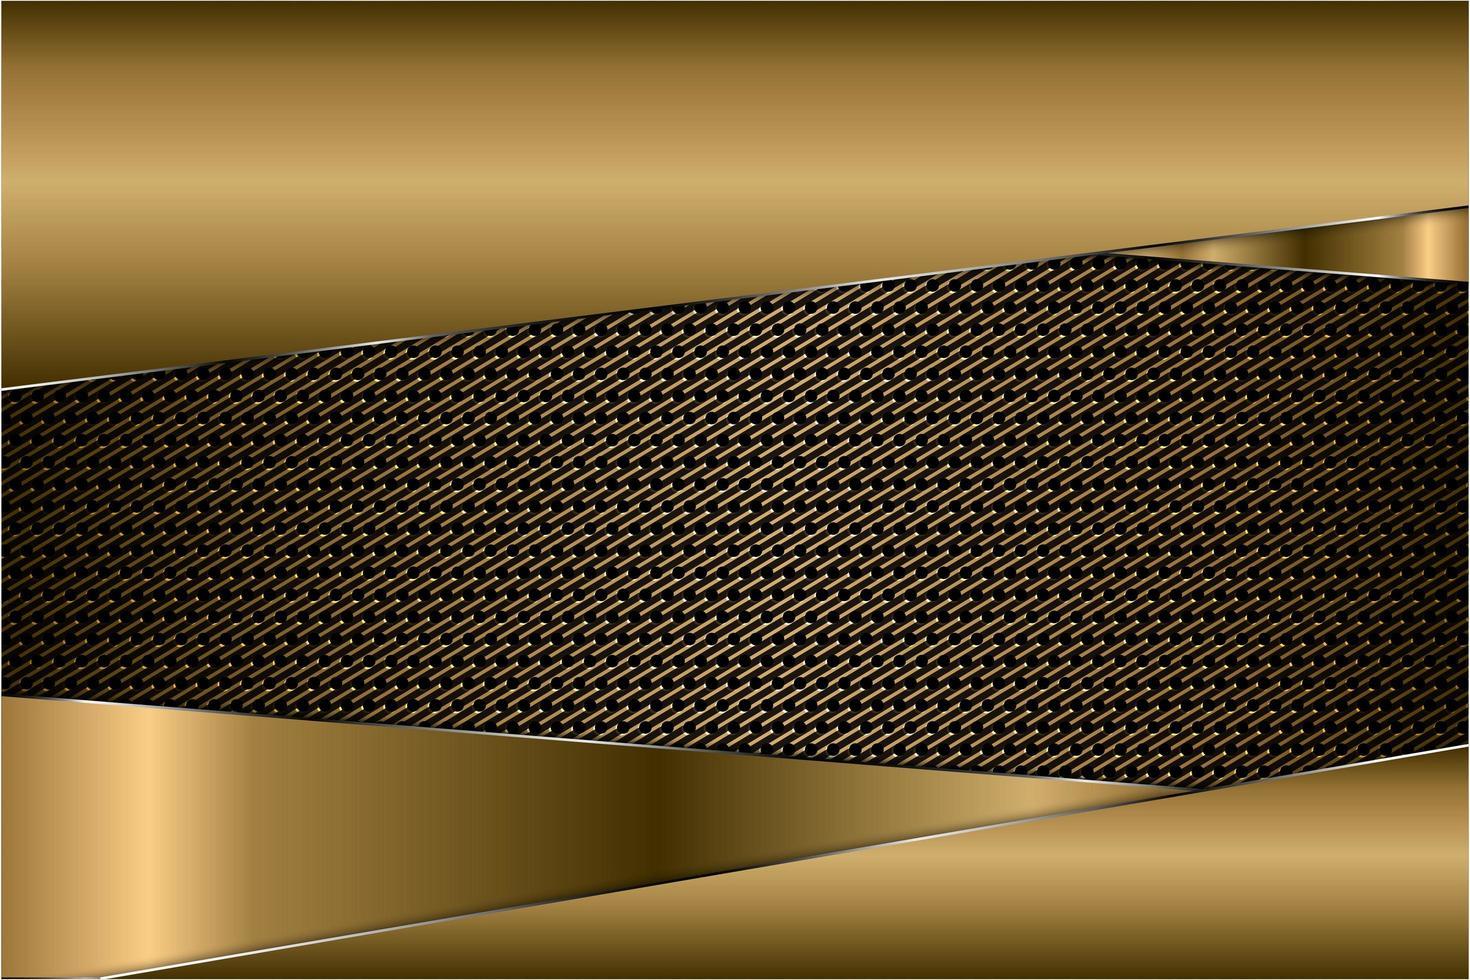 pannelli in oro metallizzato con trama in fibra di carbonio vettore